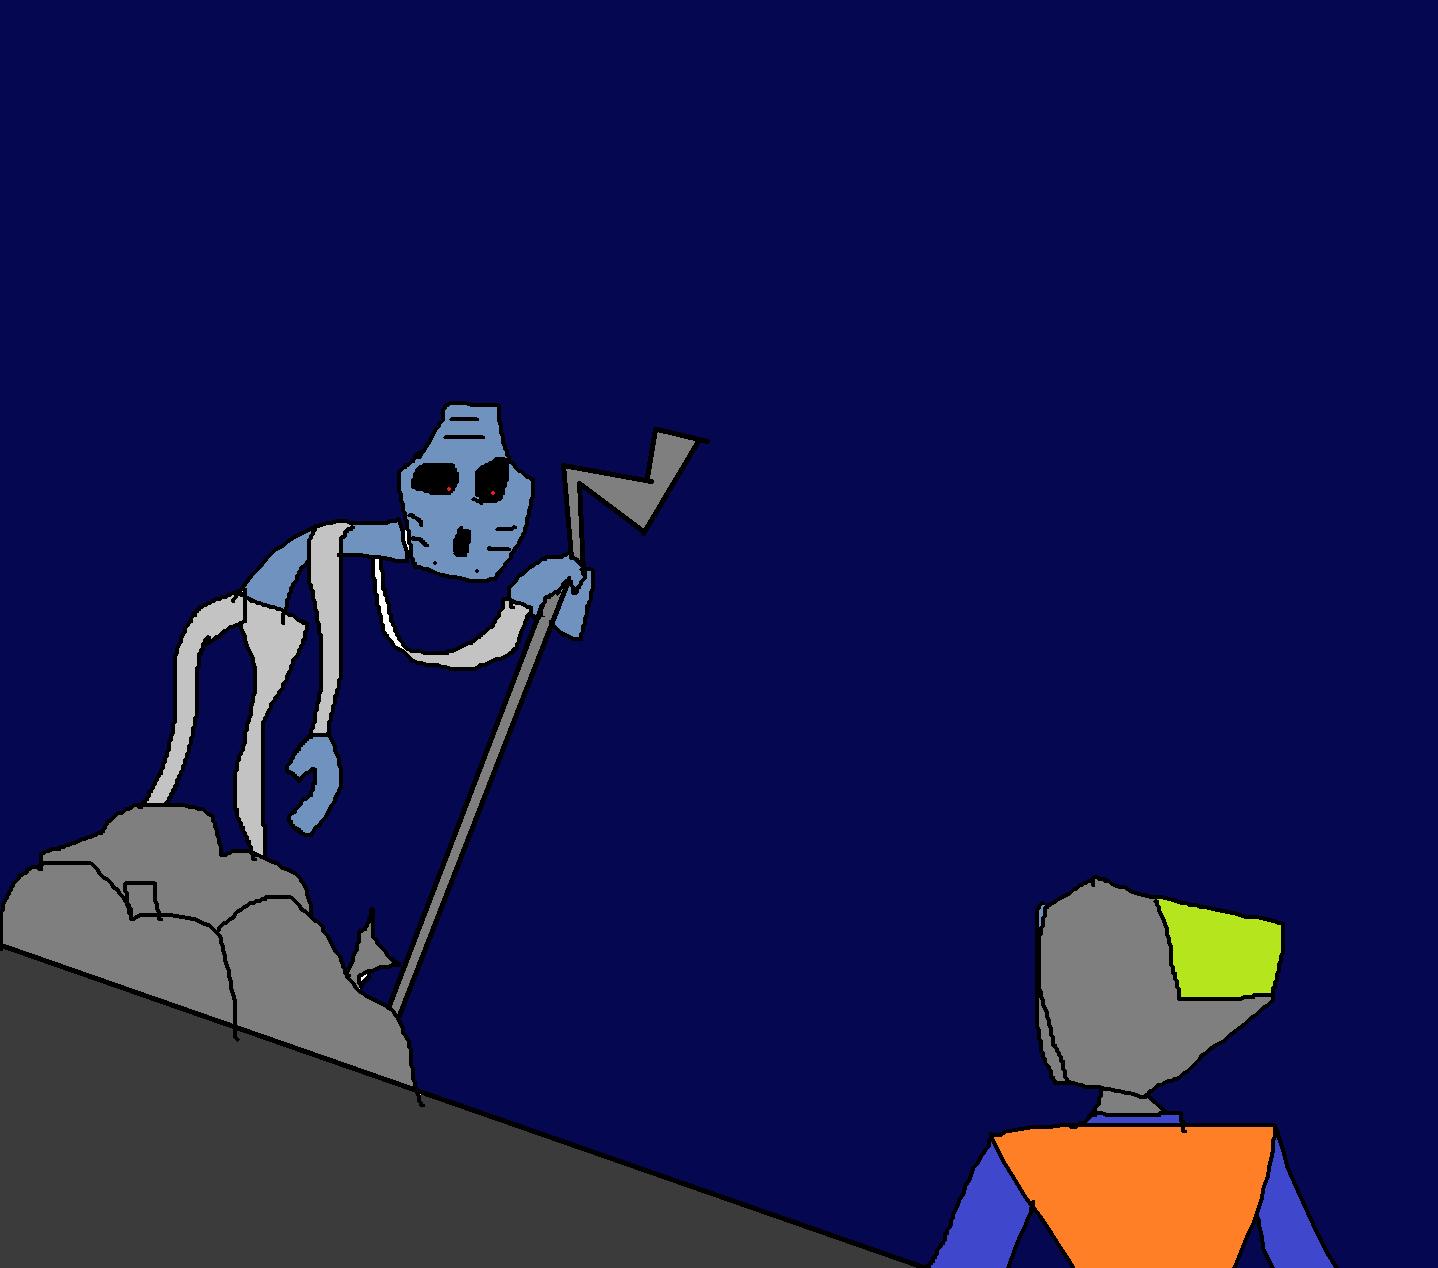 zork chapter 1 illustration